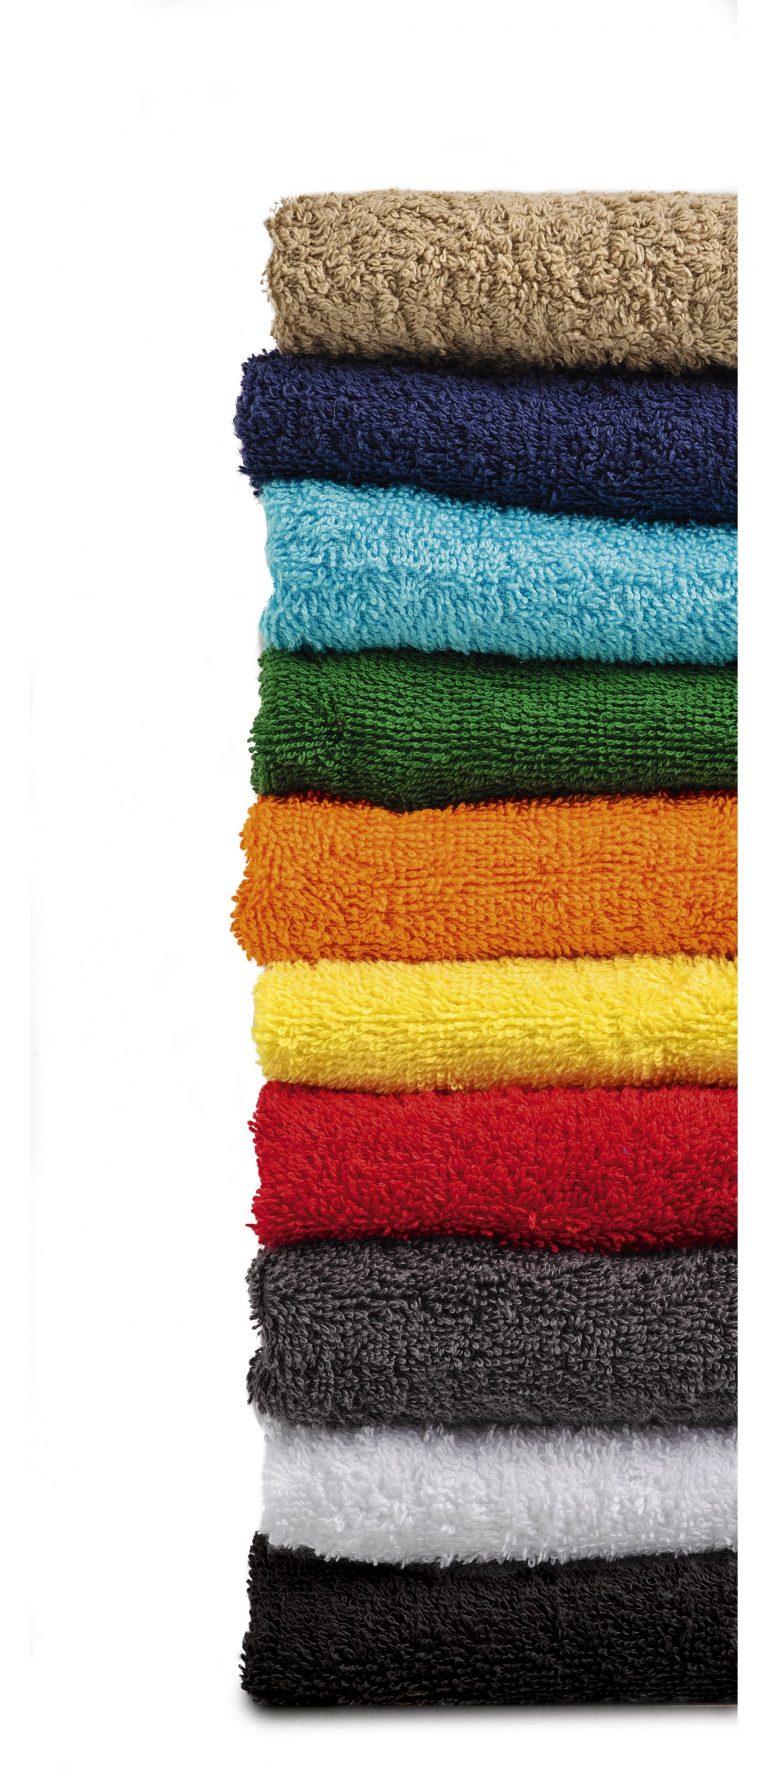 gamme de couleurs serviette éponge